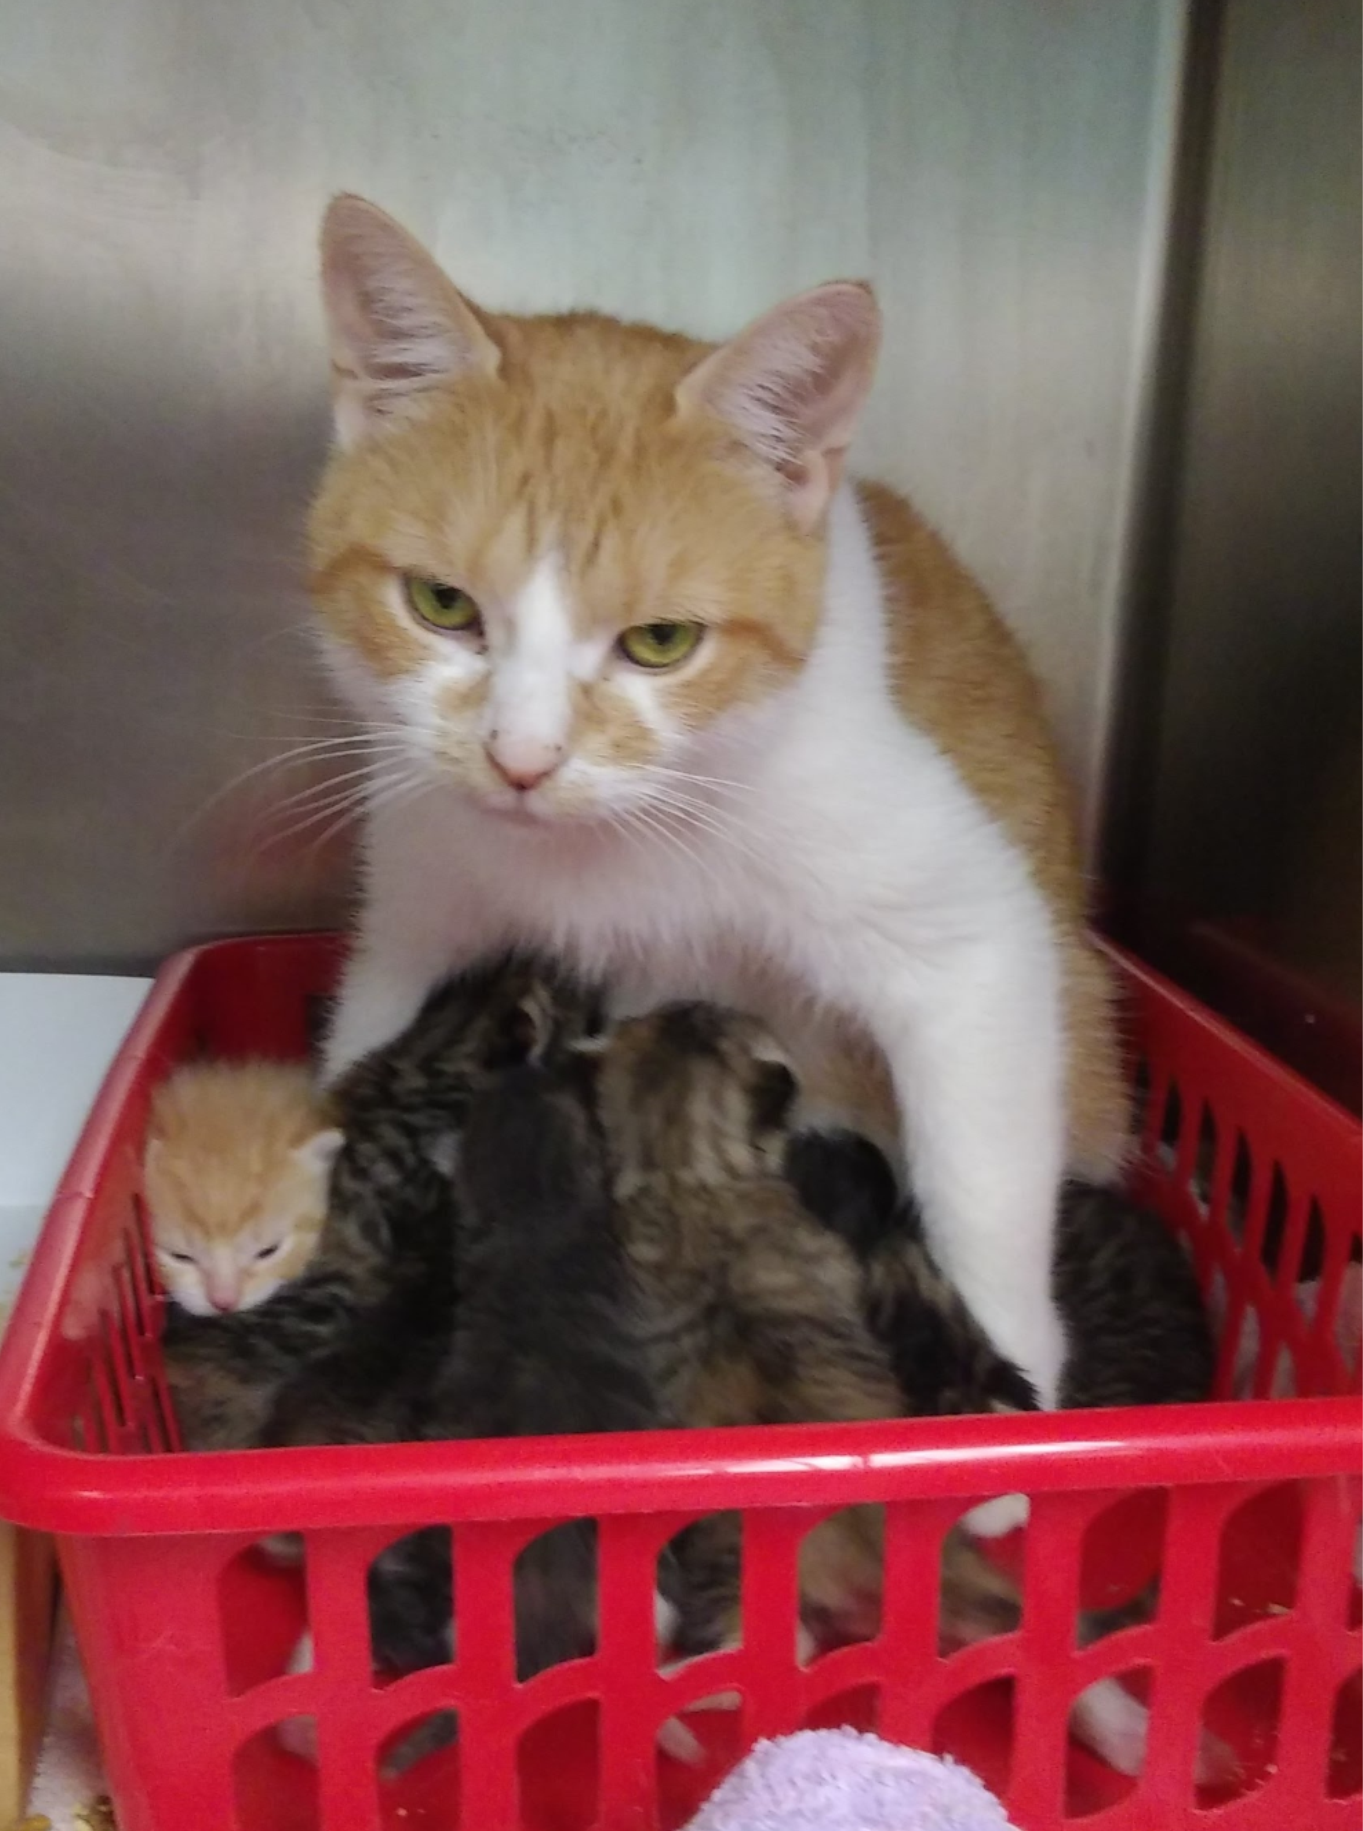 Barcelona & Kittens - Cat# 5